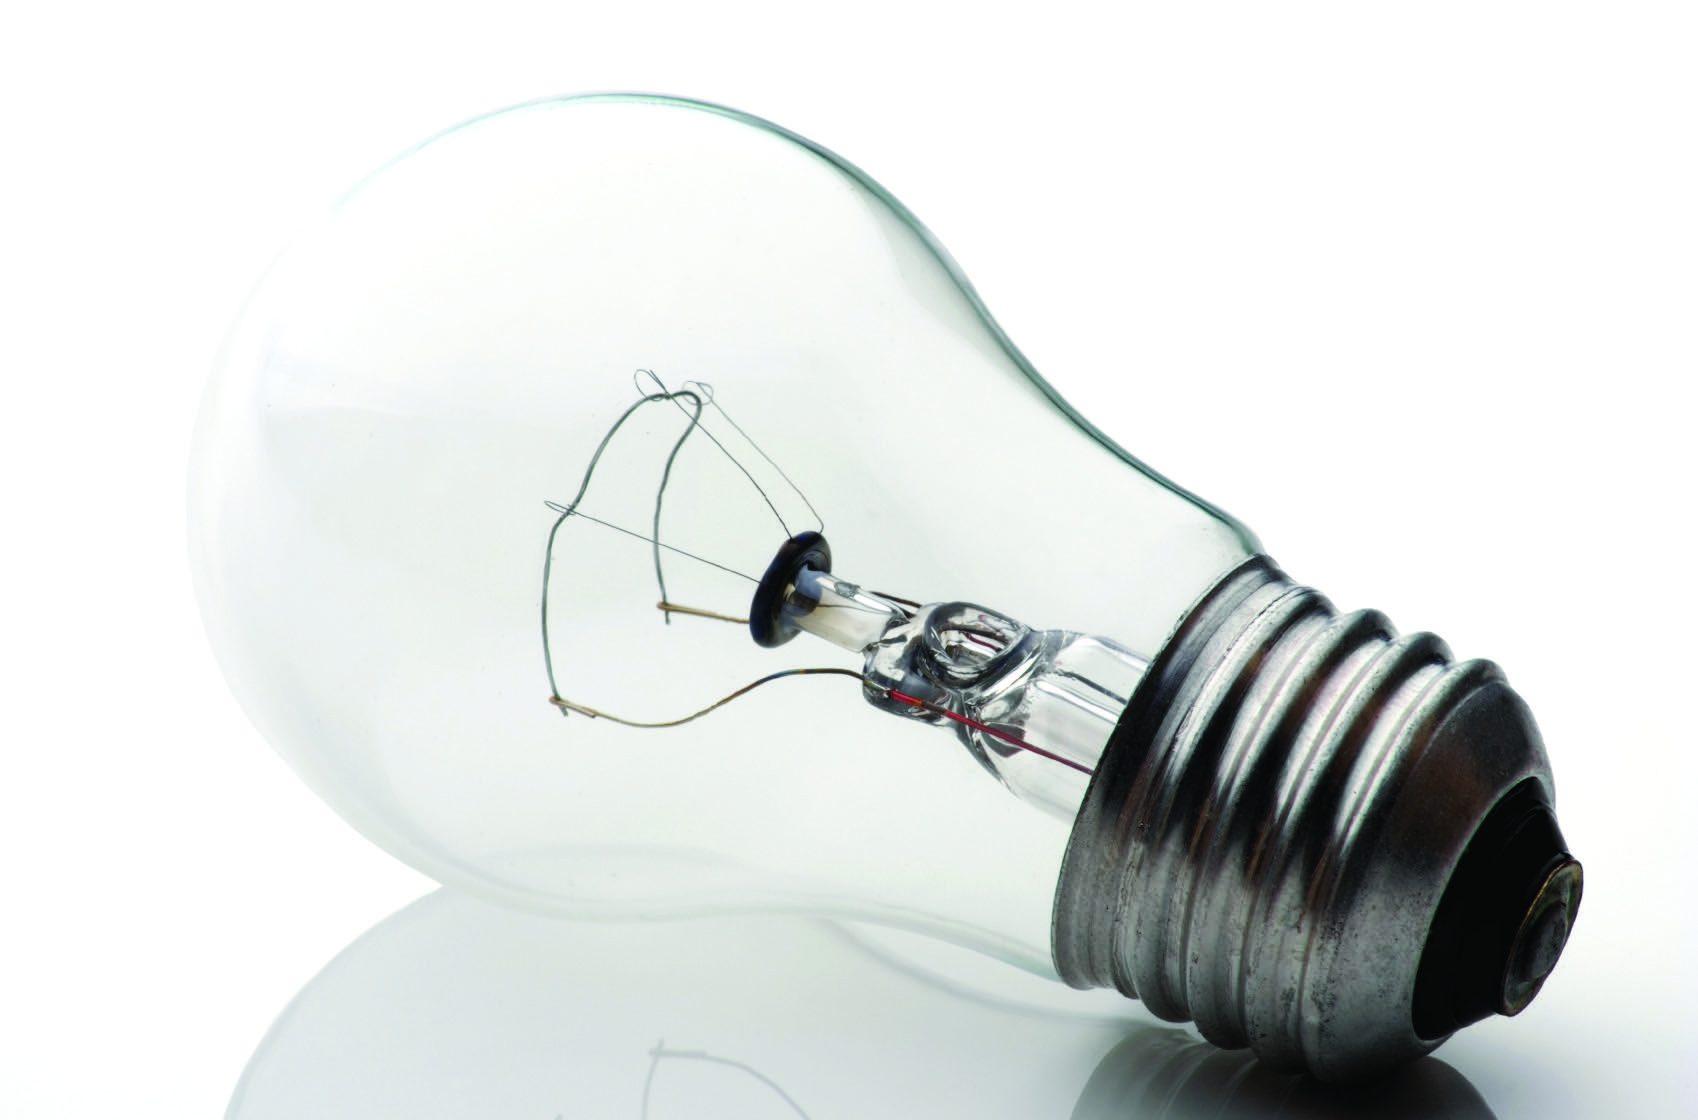 Lightbulb on plain white background